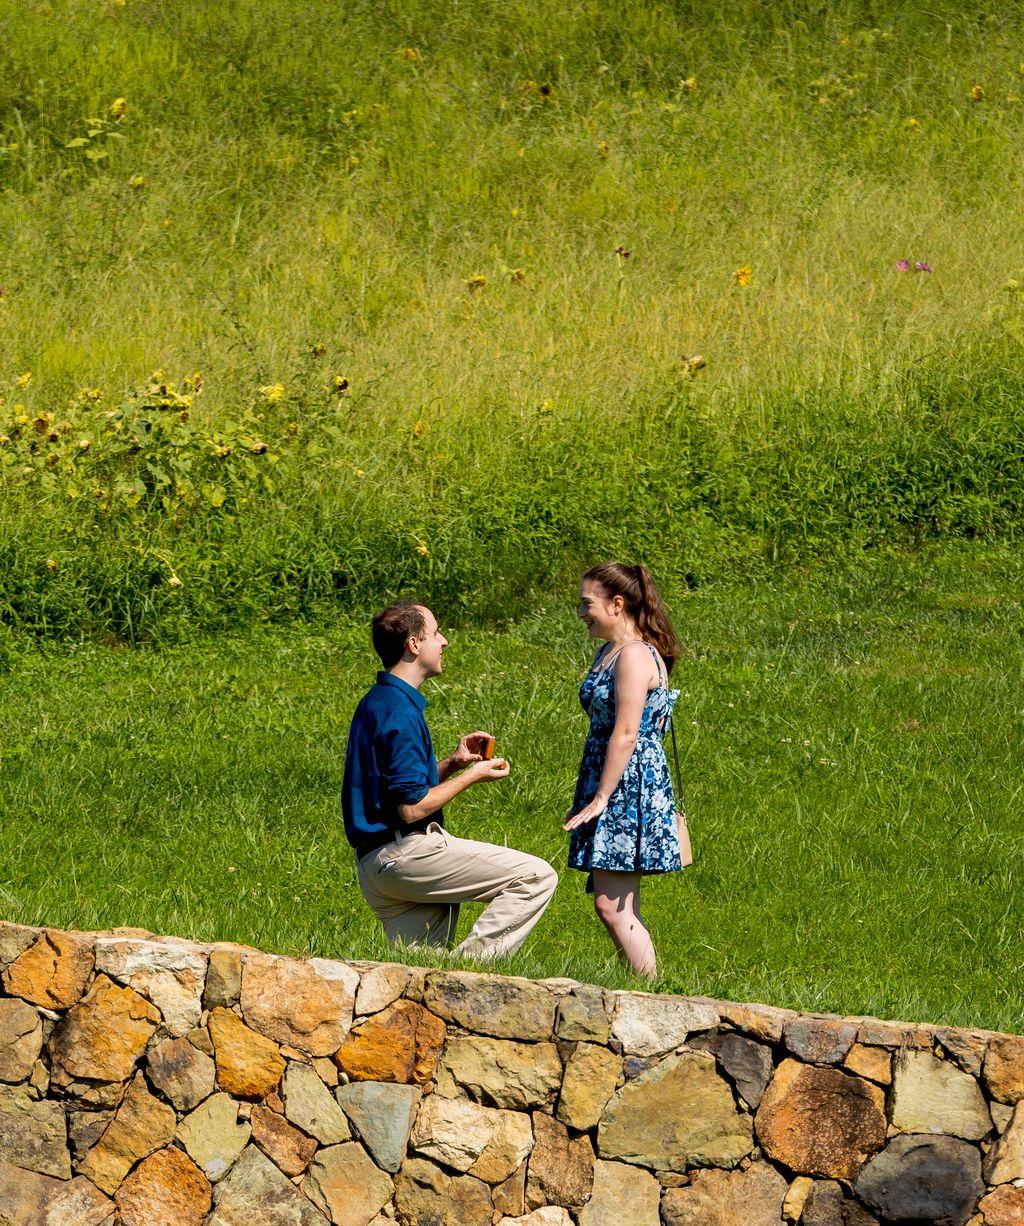 Surprise Engagement Photo Session